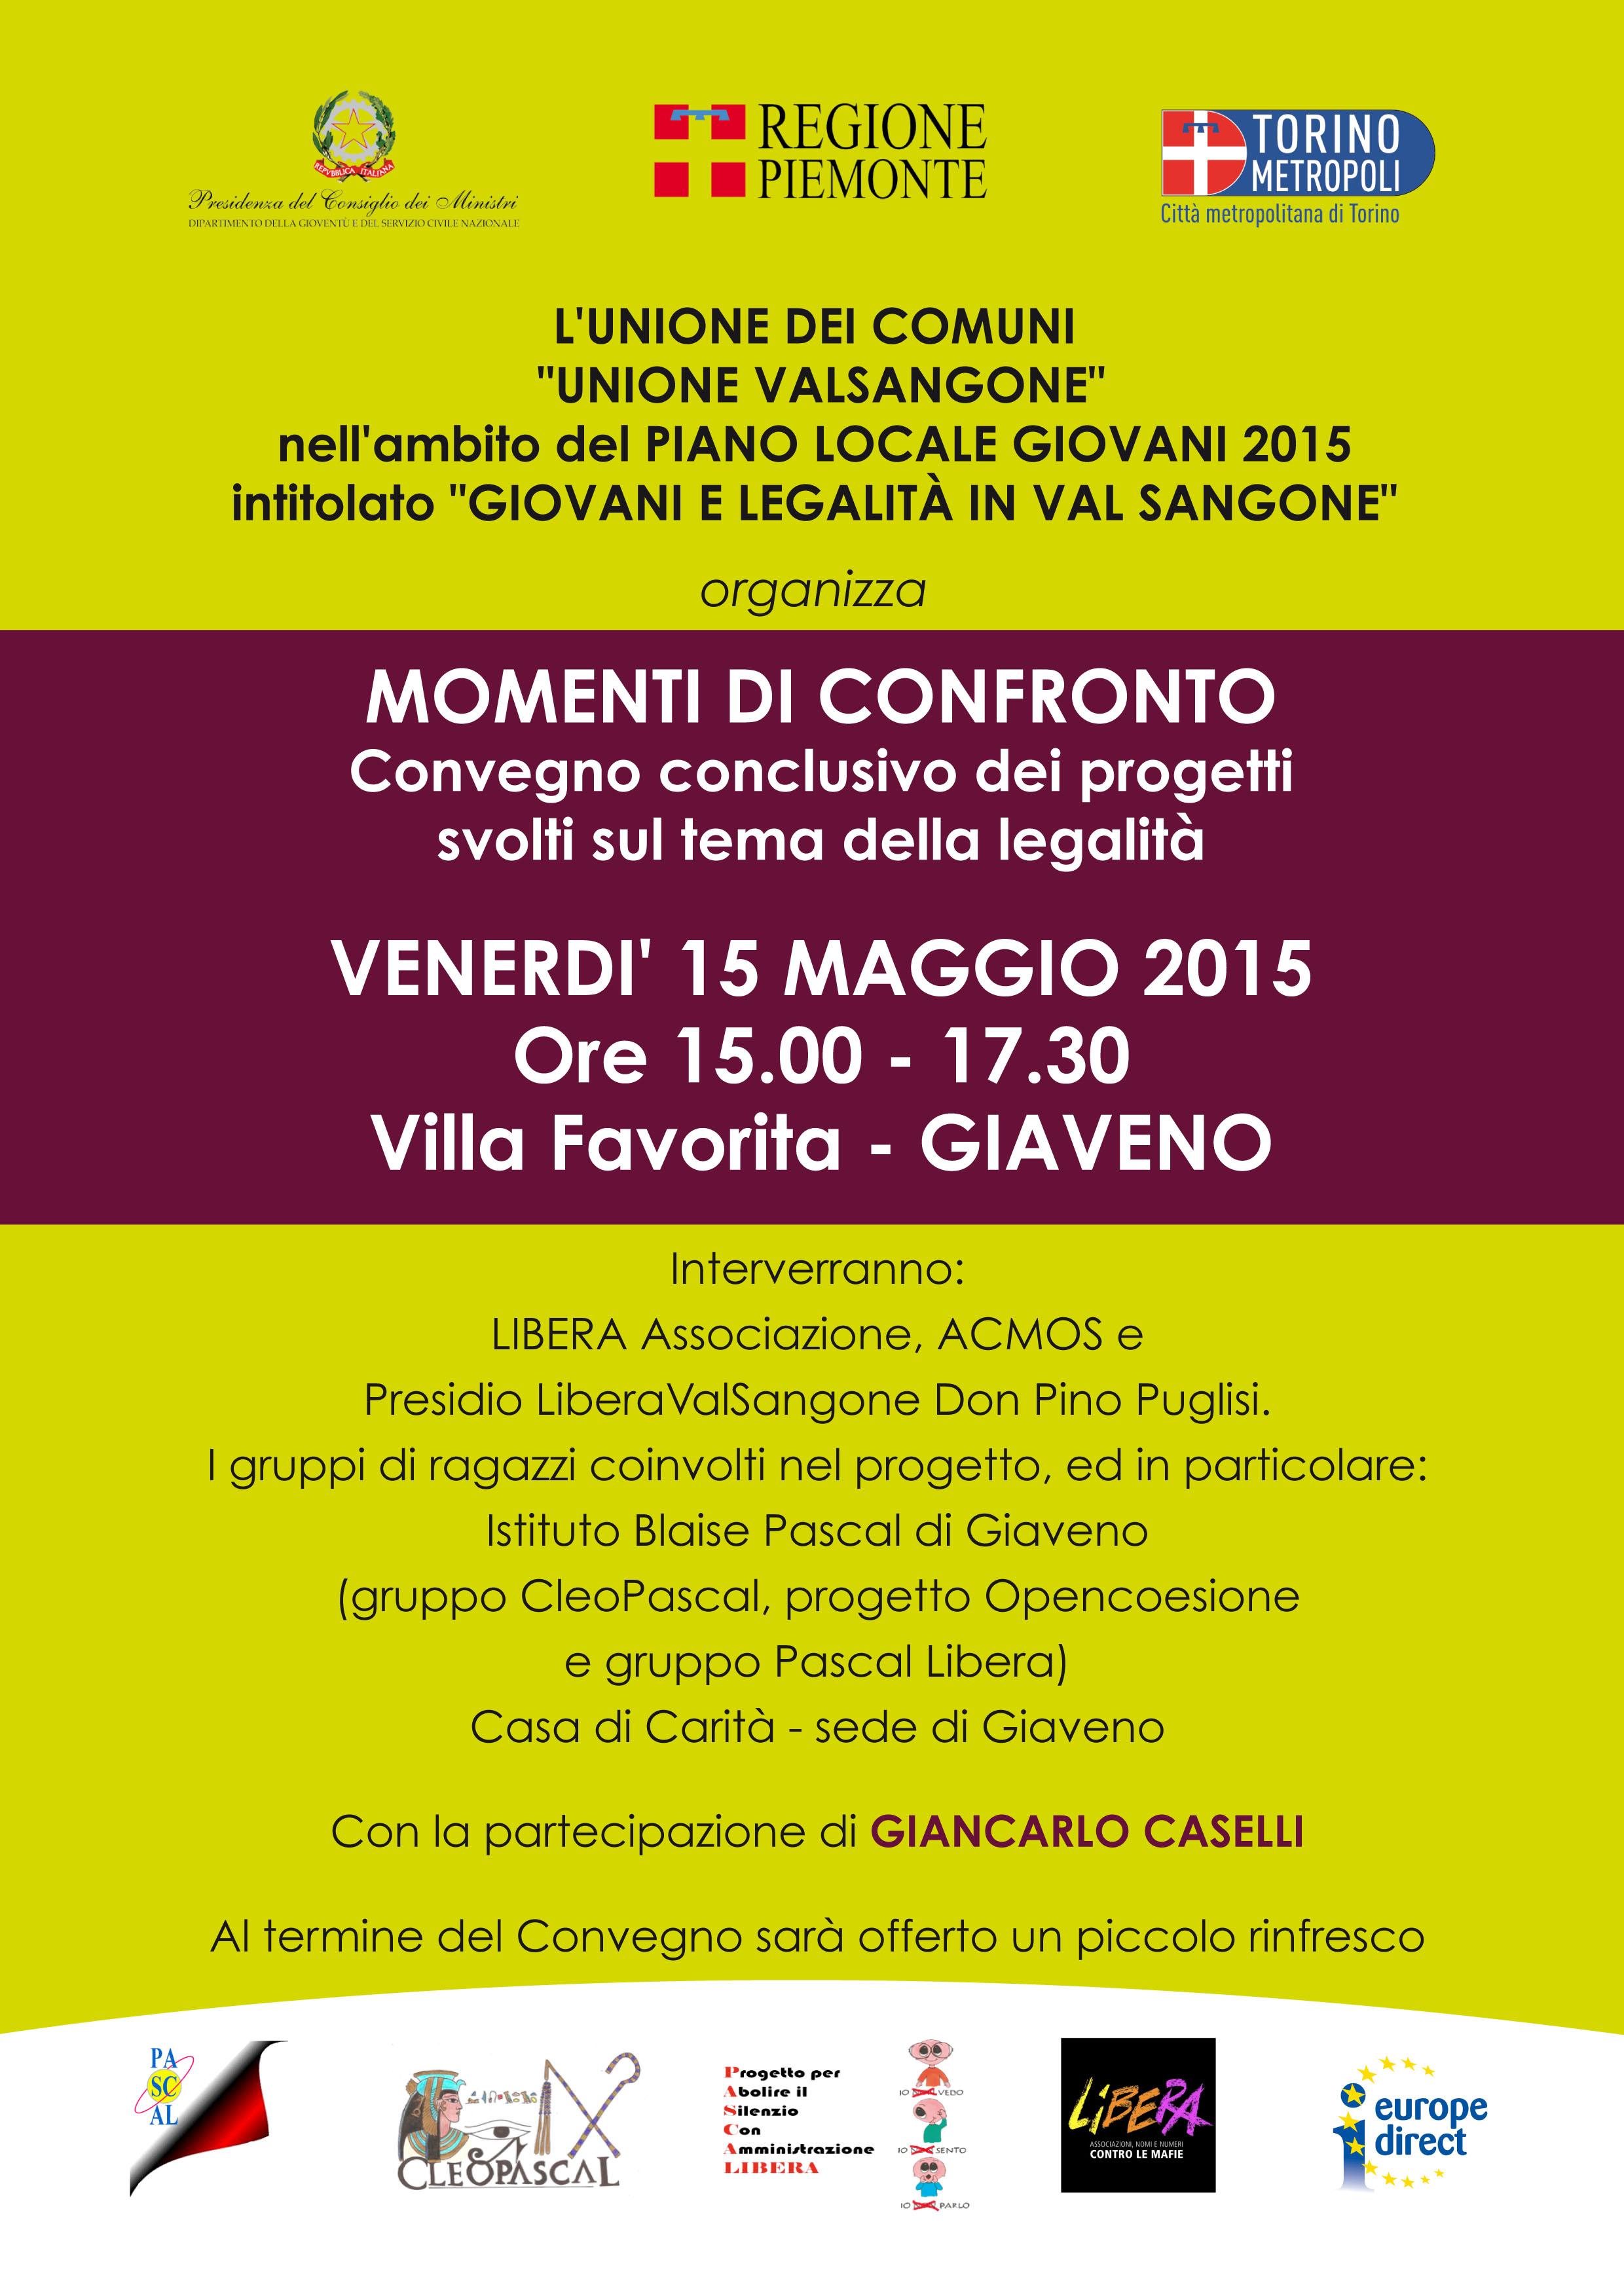 Momenti di Confronto  – Convegno conclusivo dei progetti svolti dai giovani della Val Sangone sul tema della Legalità  – venerdì 15 maggio 2015